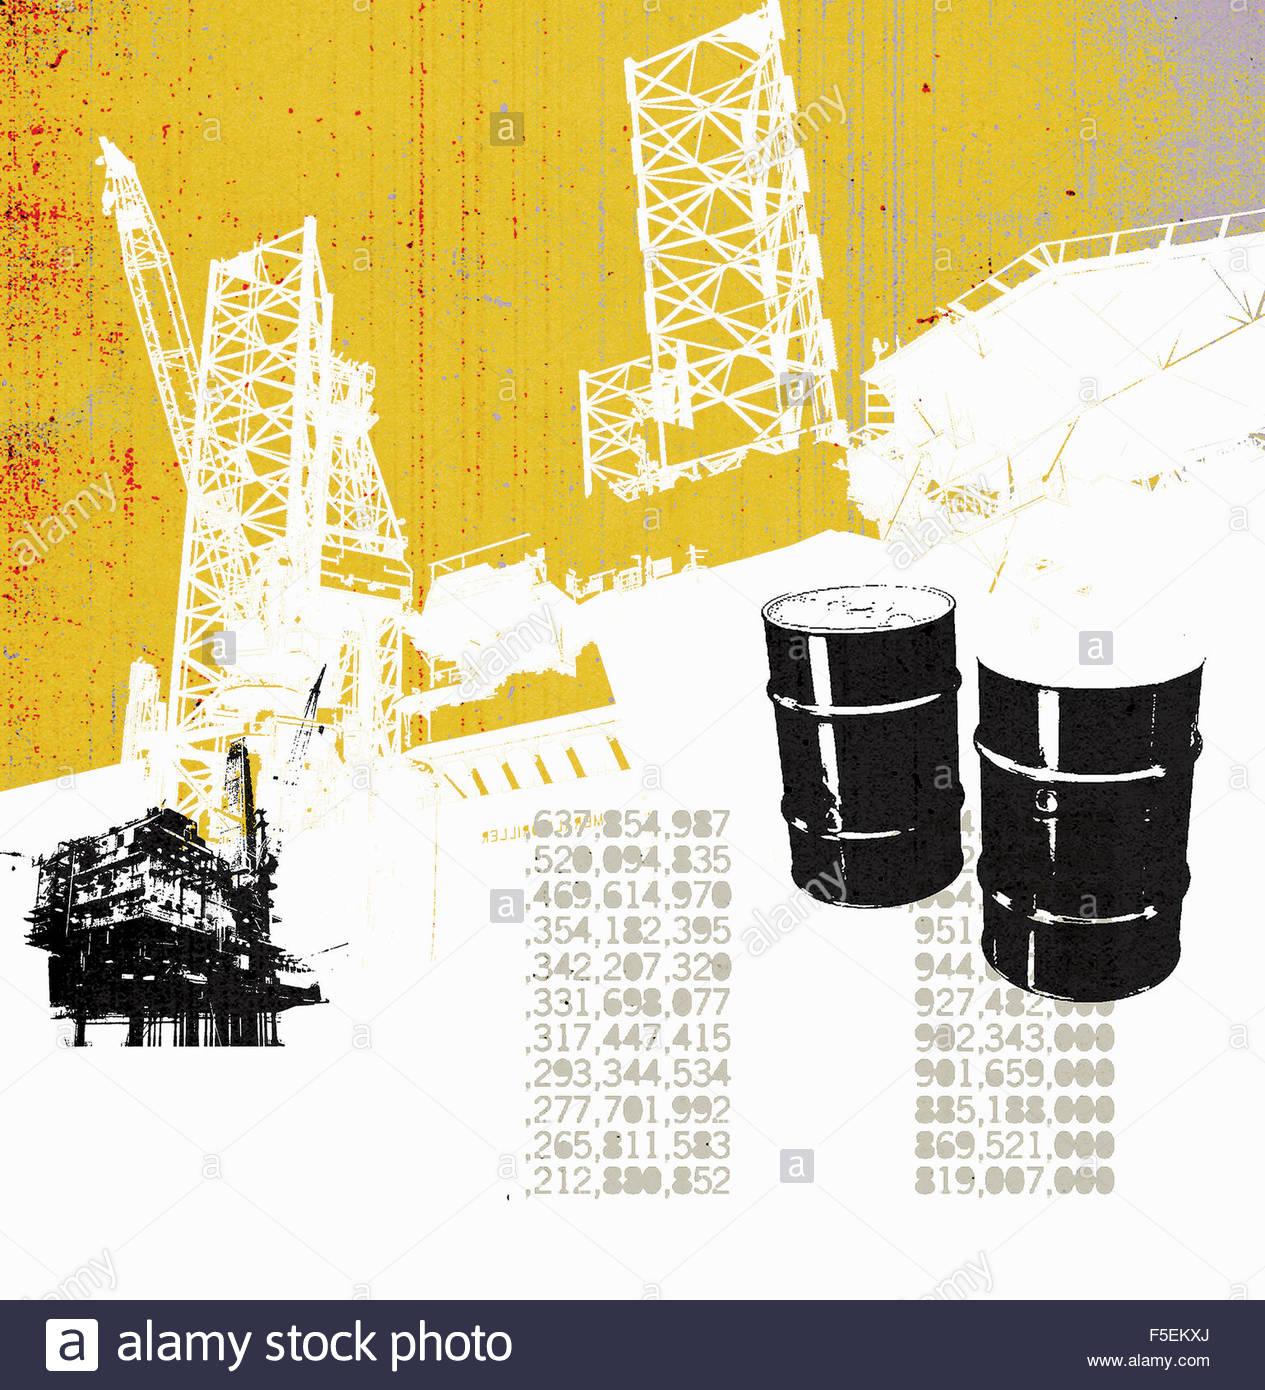 Barriles de petróleo y la producción de petróleo con los precios de las acciones de la plataforma Imagen De Stock